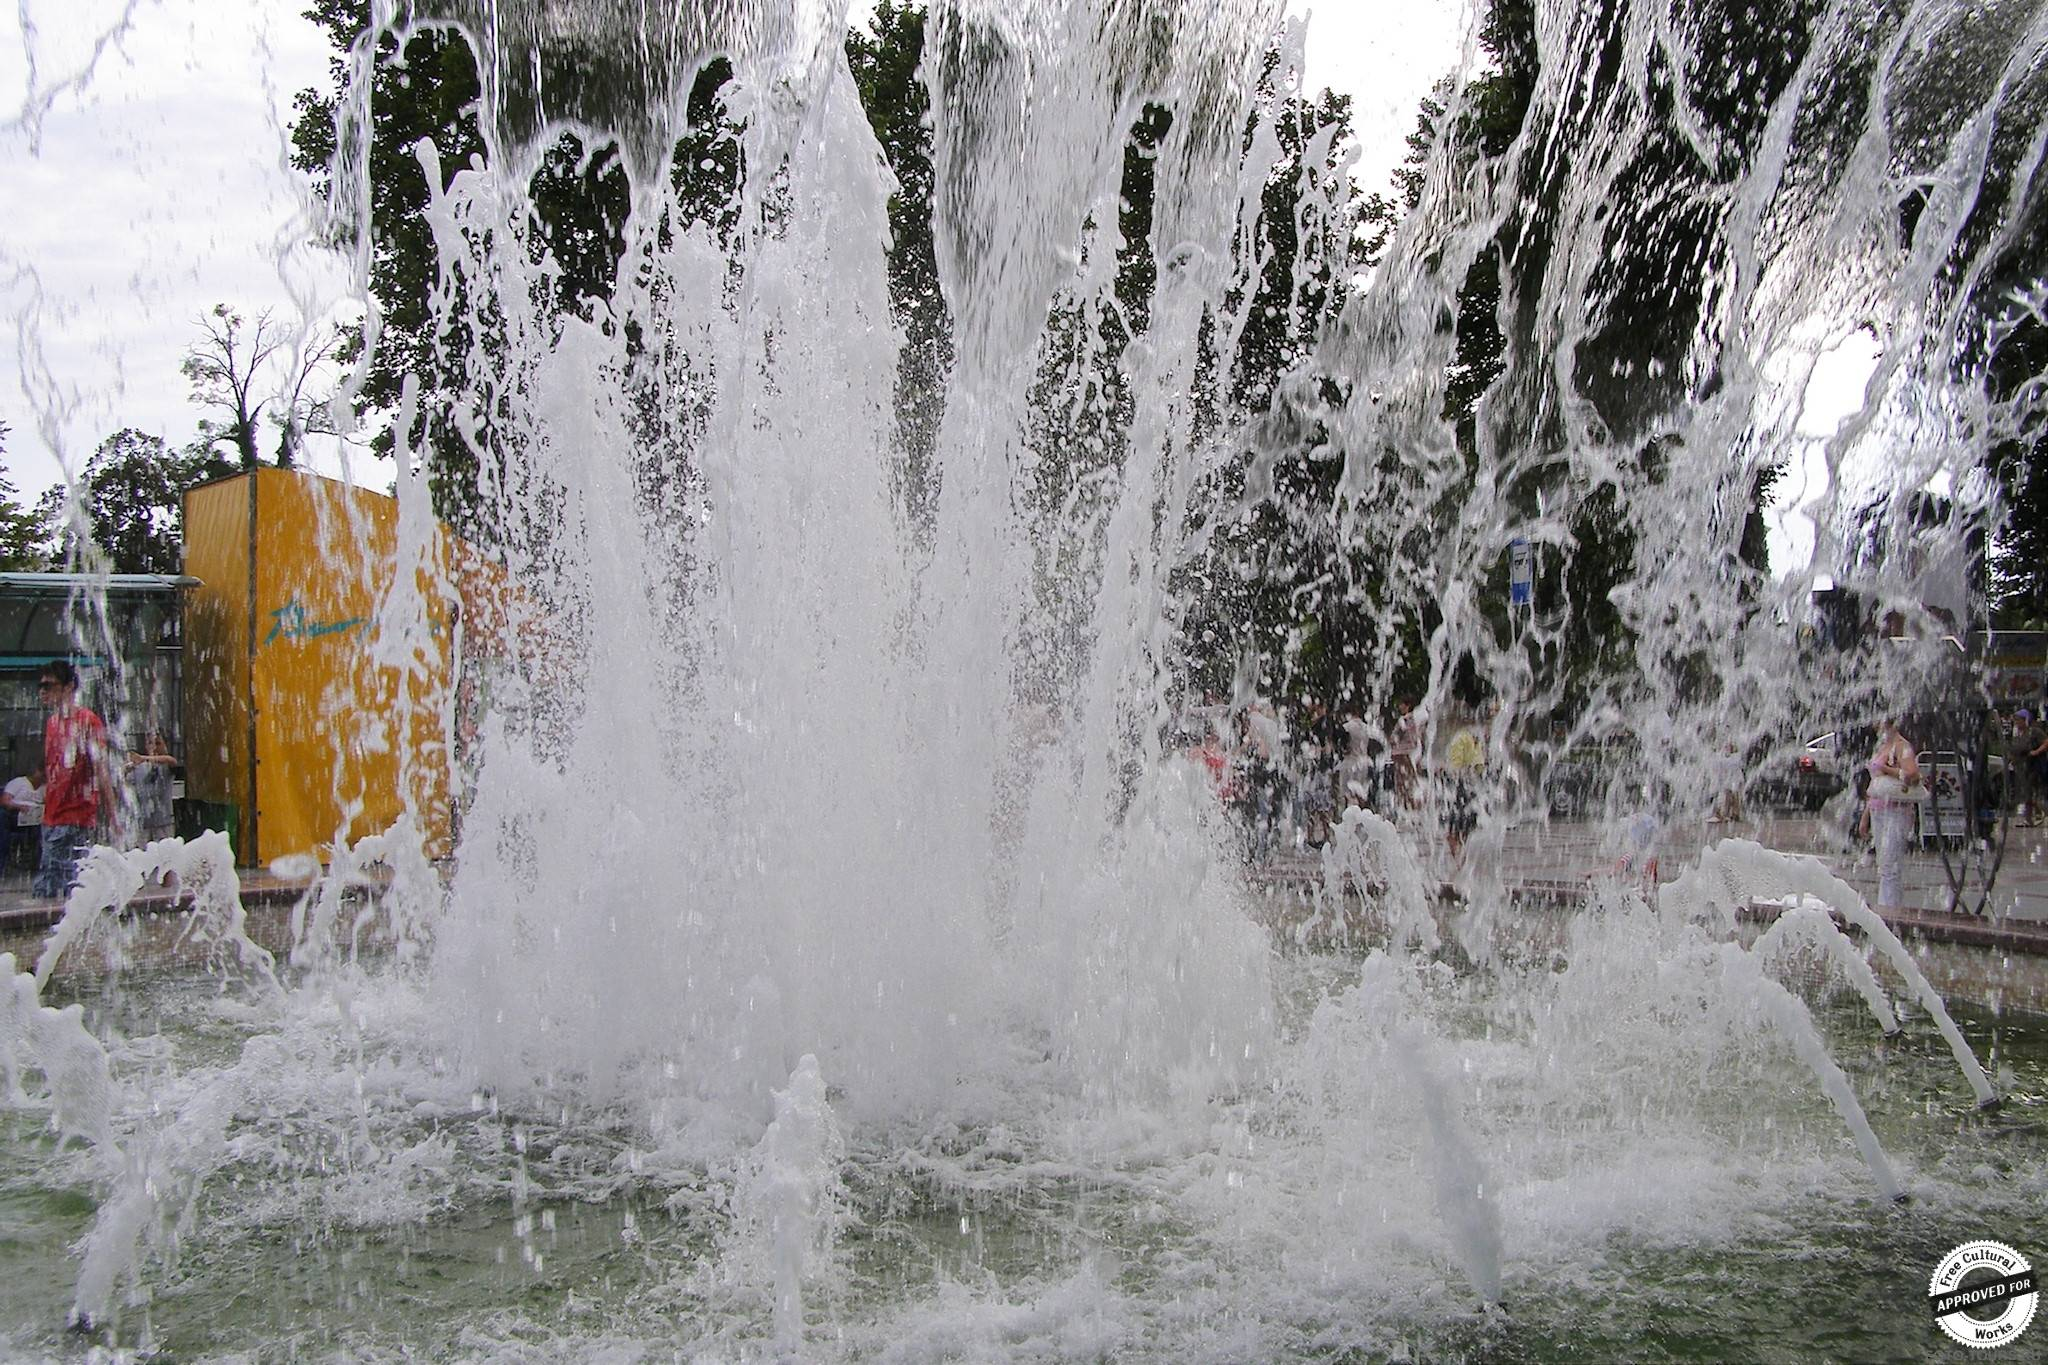 Поющий фонтан на Платановой аллее, Сочи, Россия.